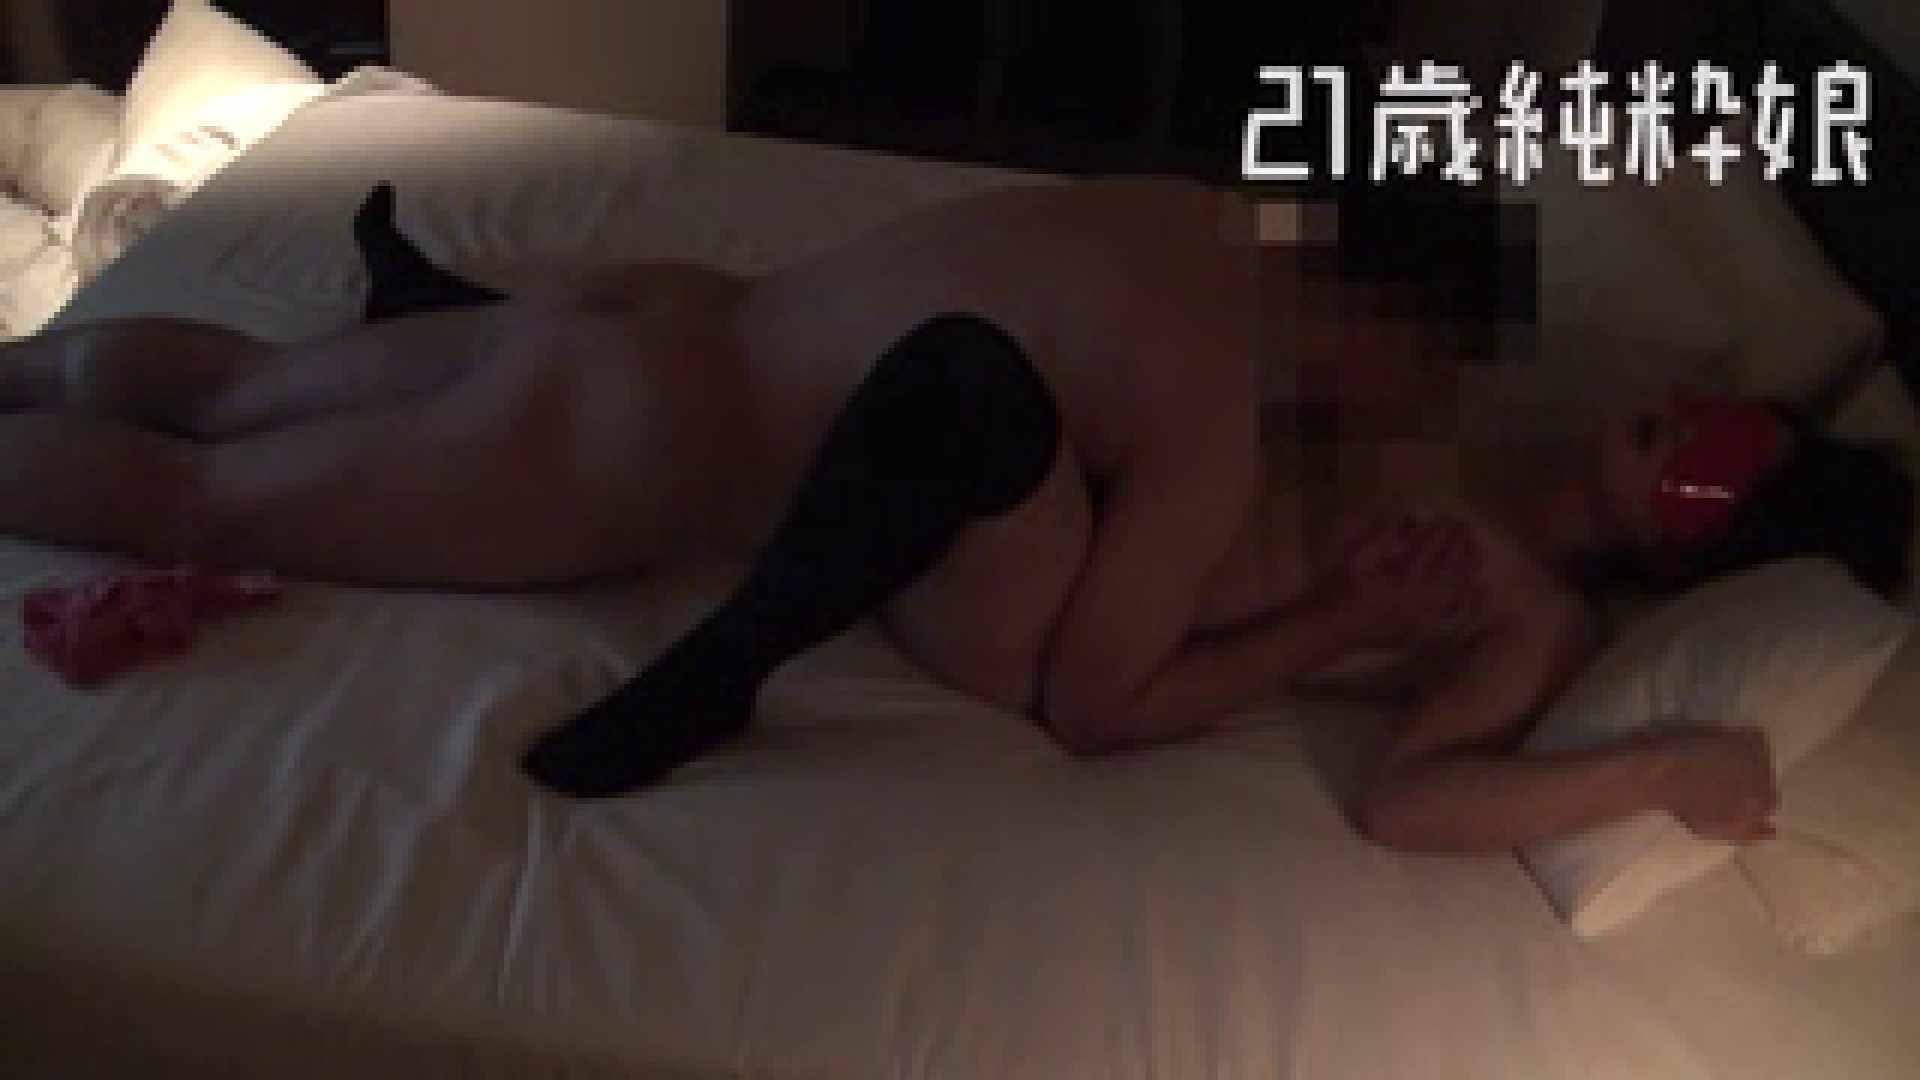 上京したばかりのGカップ21歳純粋嬢を都合の良い女にしてみた4 ホテル | ギャル達のおっぱい  96画像 64